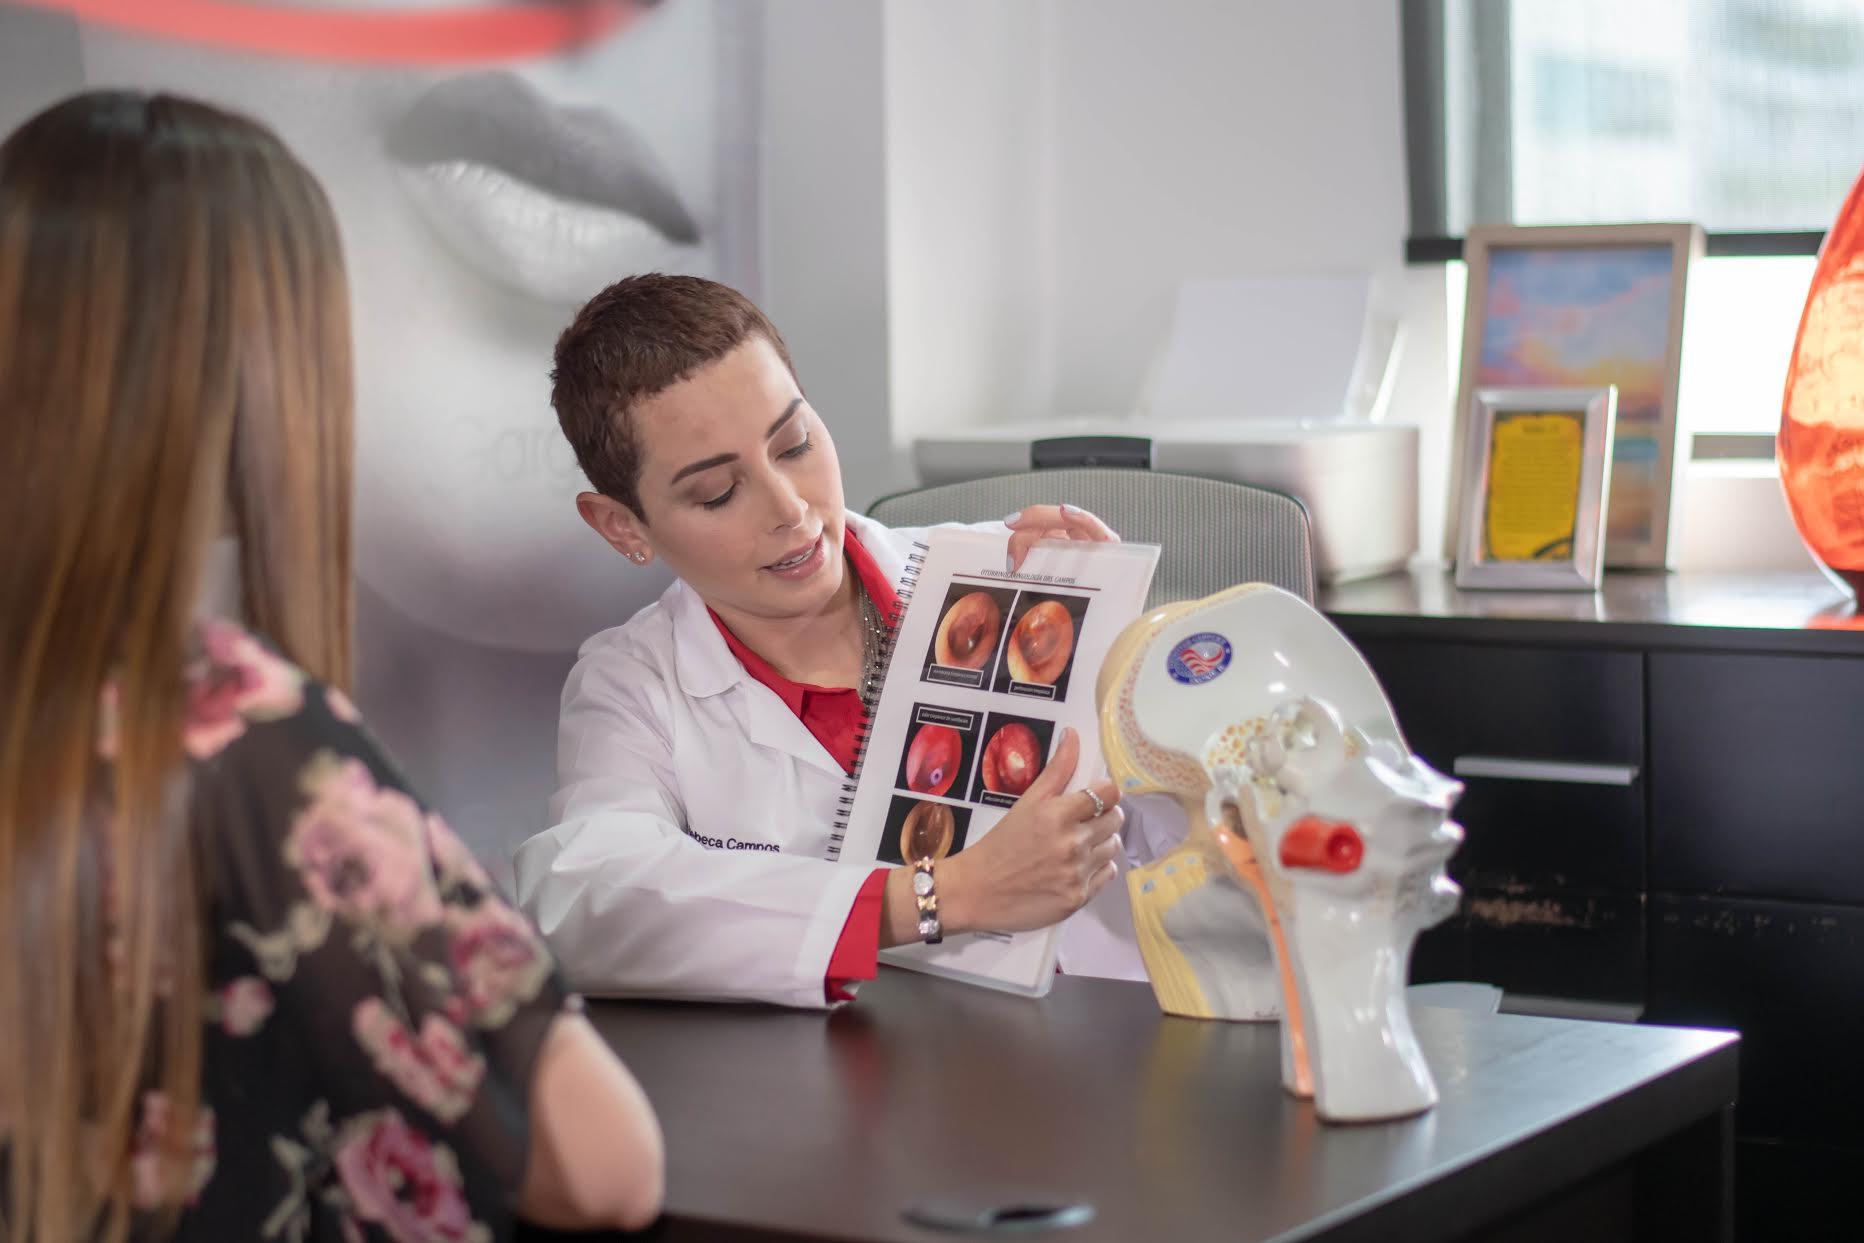 Costa Rica: Tecnología médica ayuda a distinguir si el vértigo se origina en el oído en el cerebro